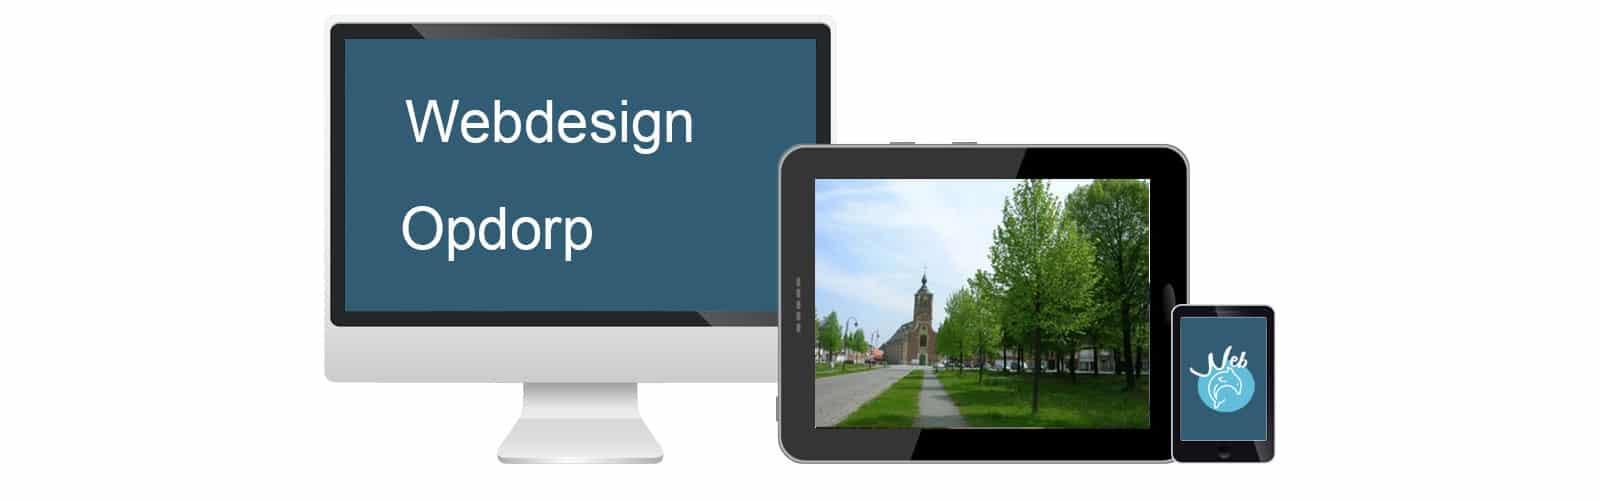 Webdesign Opdorp - webdolfijn